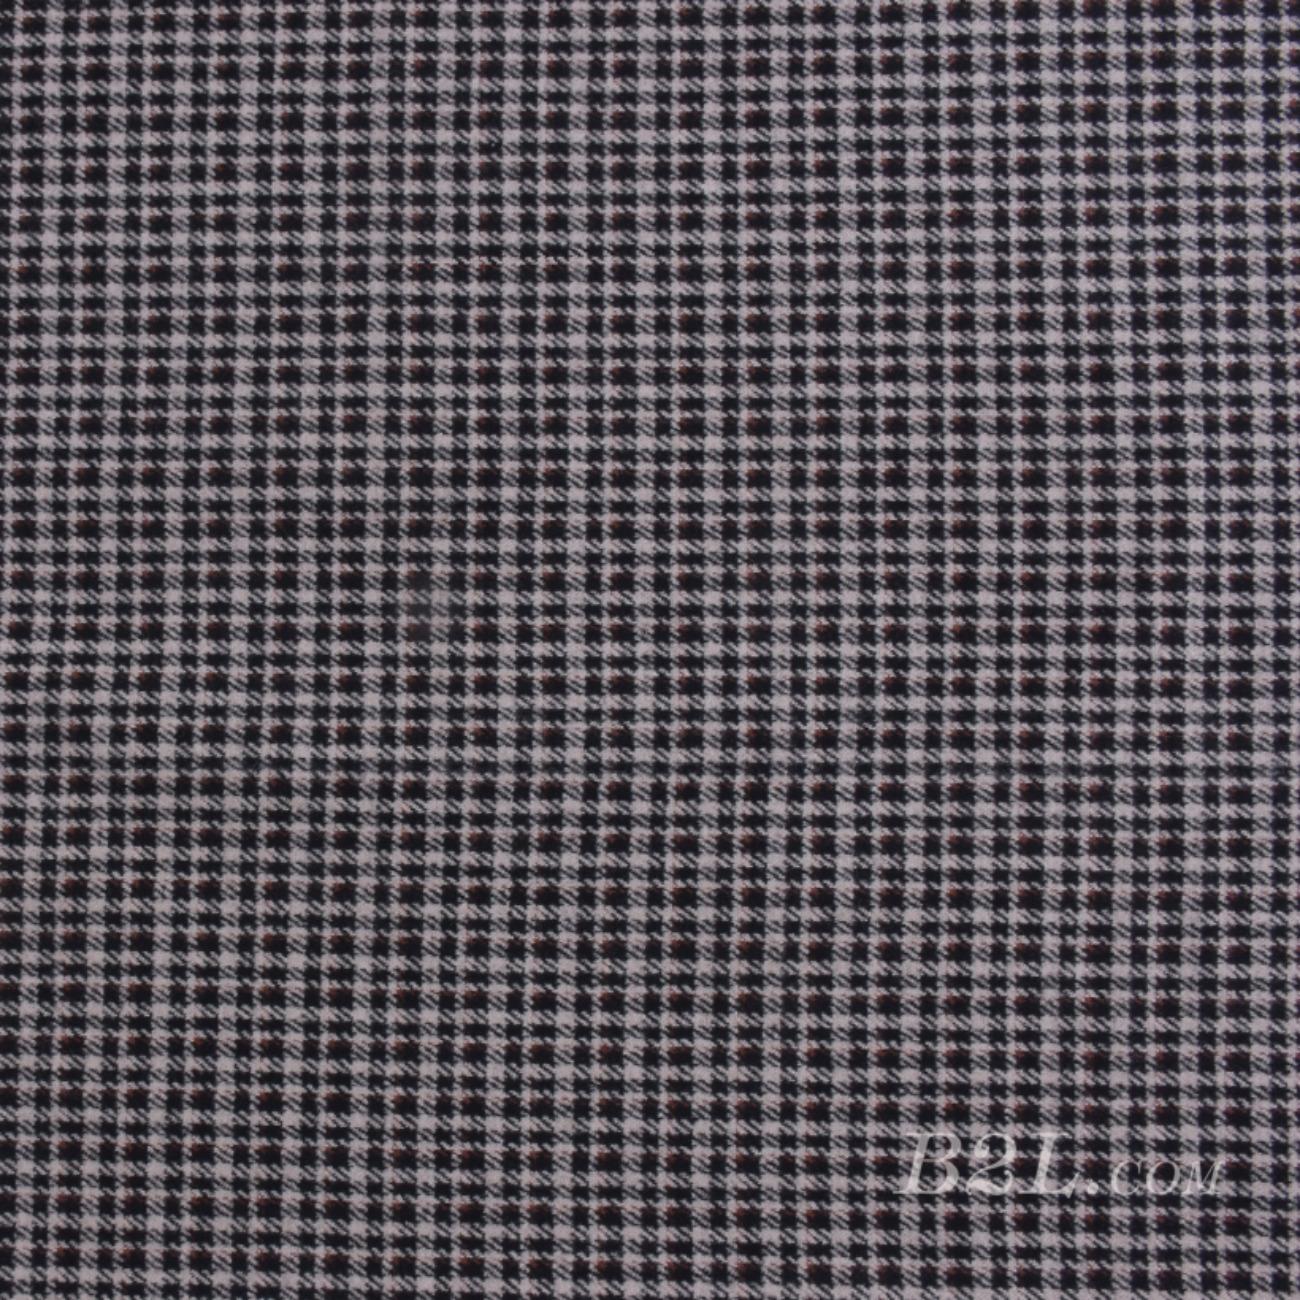 针织染色格子毛纺面料-春秋冬大衣半身裙外套面料Z745